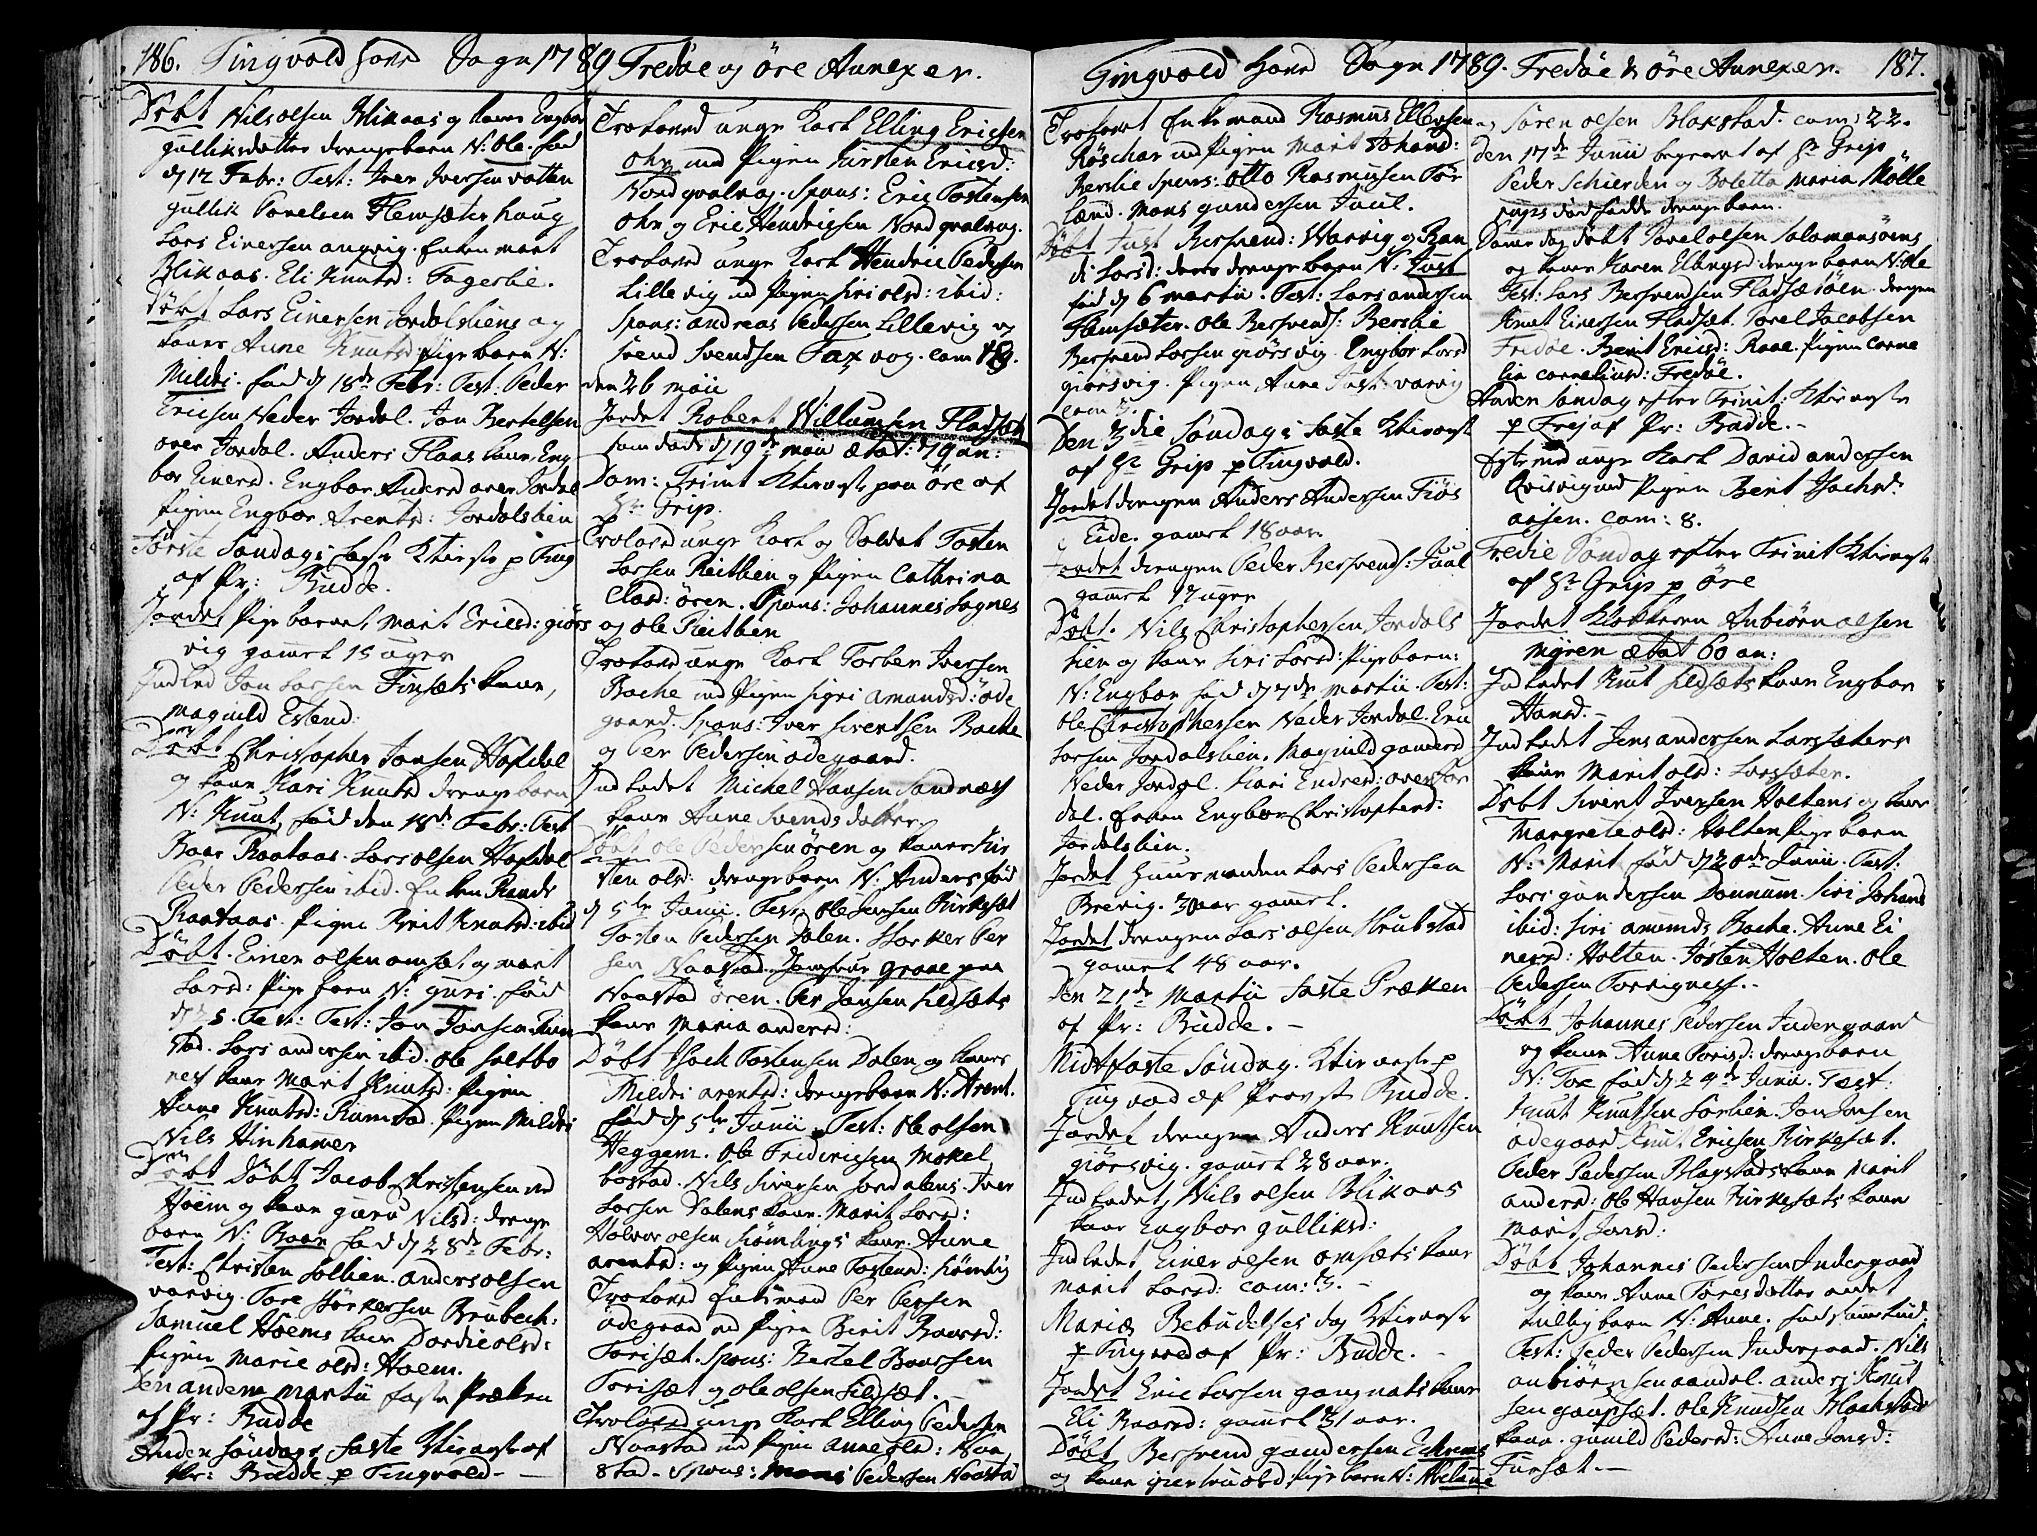 SAT, Ministerialprotokoller, klokkerbøker og fødselsregistre - Møre og Romsdal, 586/L0980: Ministerialbok nr. 586A06, 1776-1794, s. 186-187